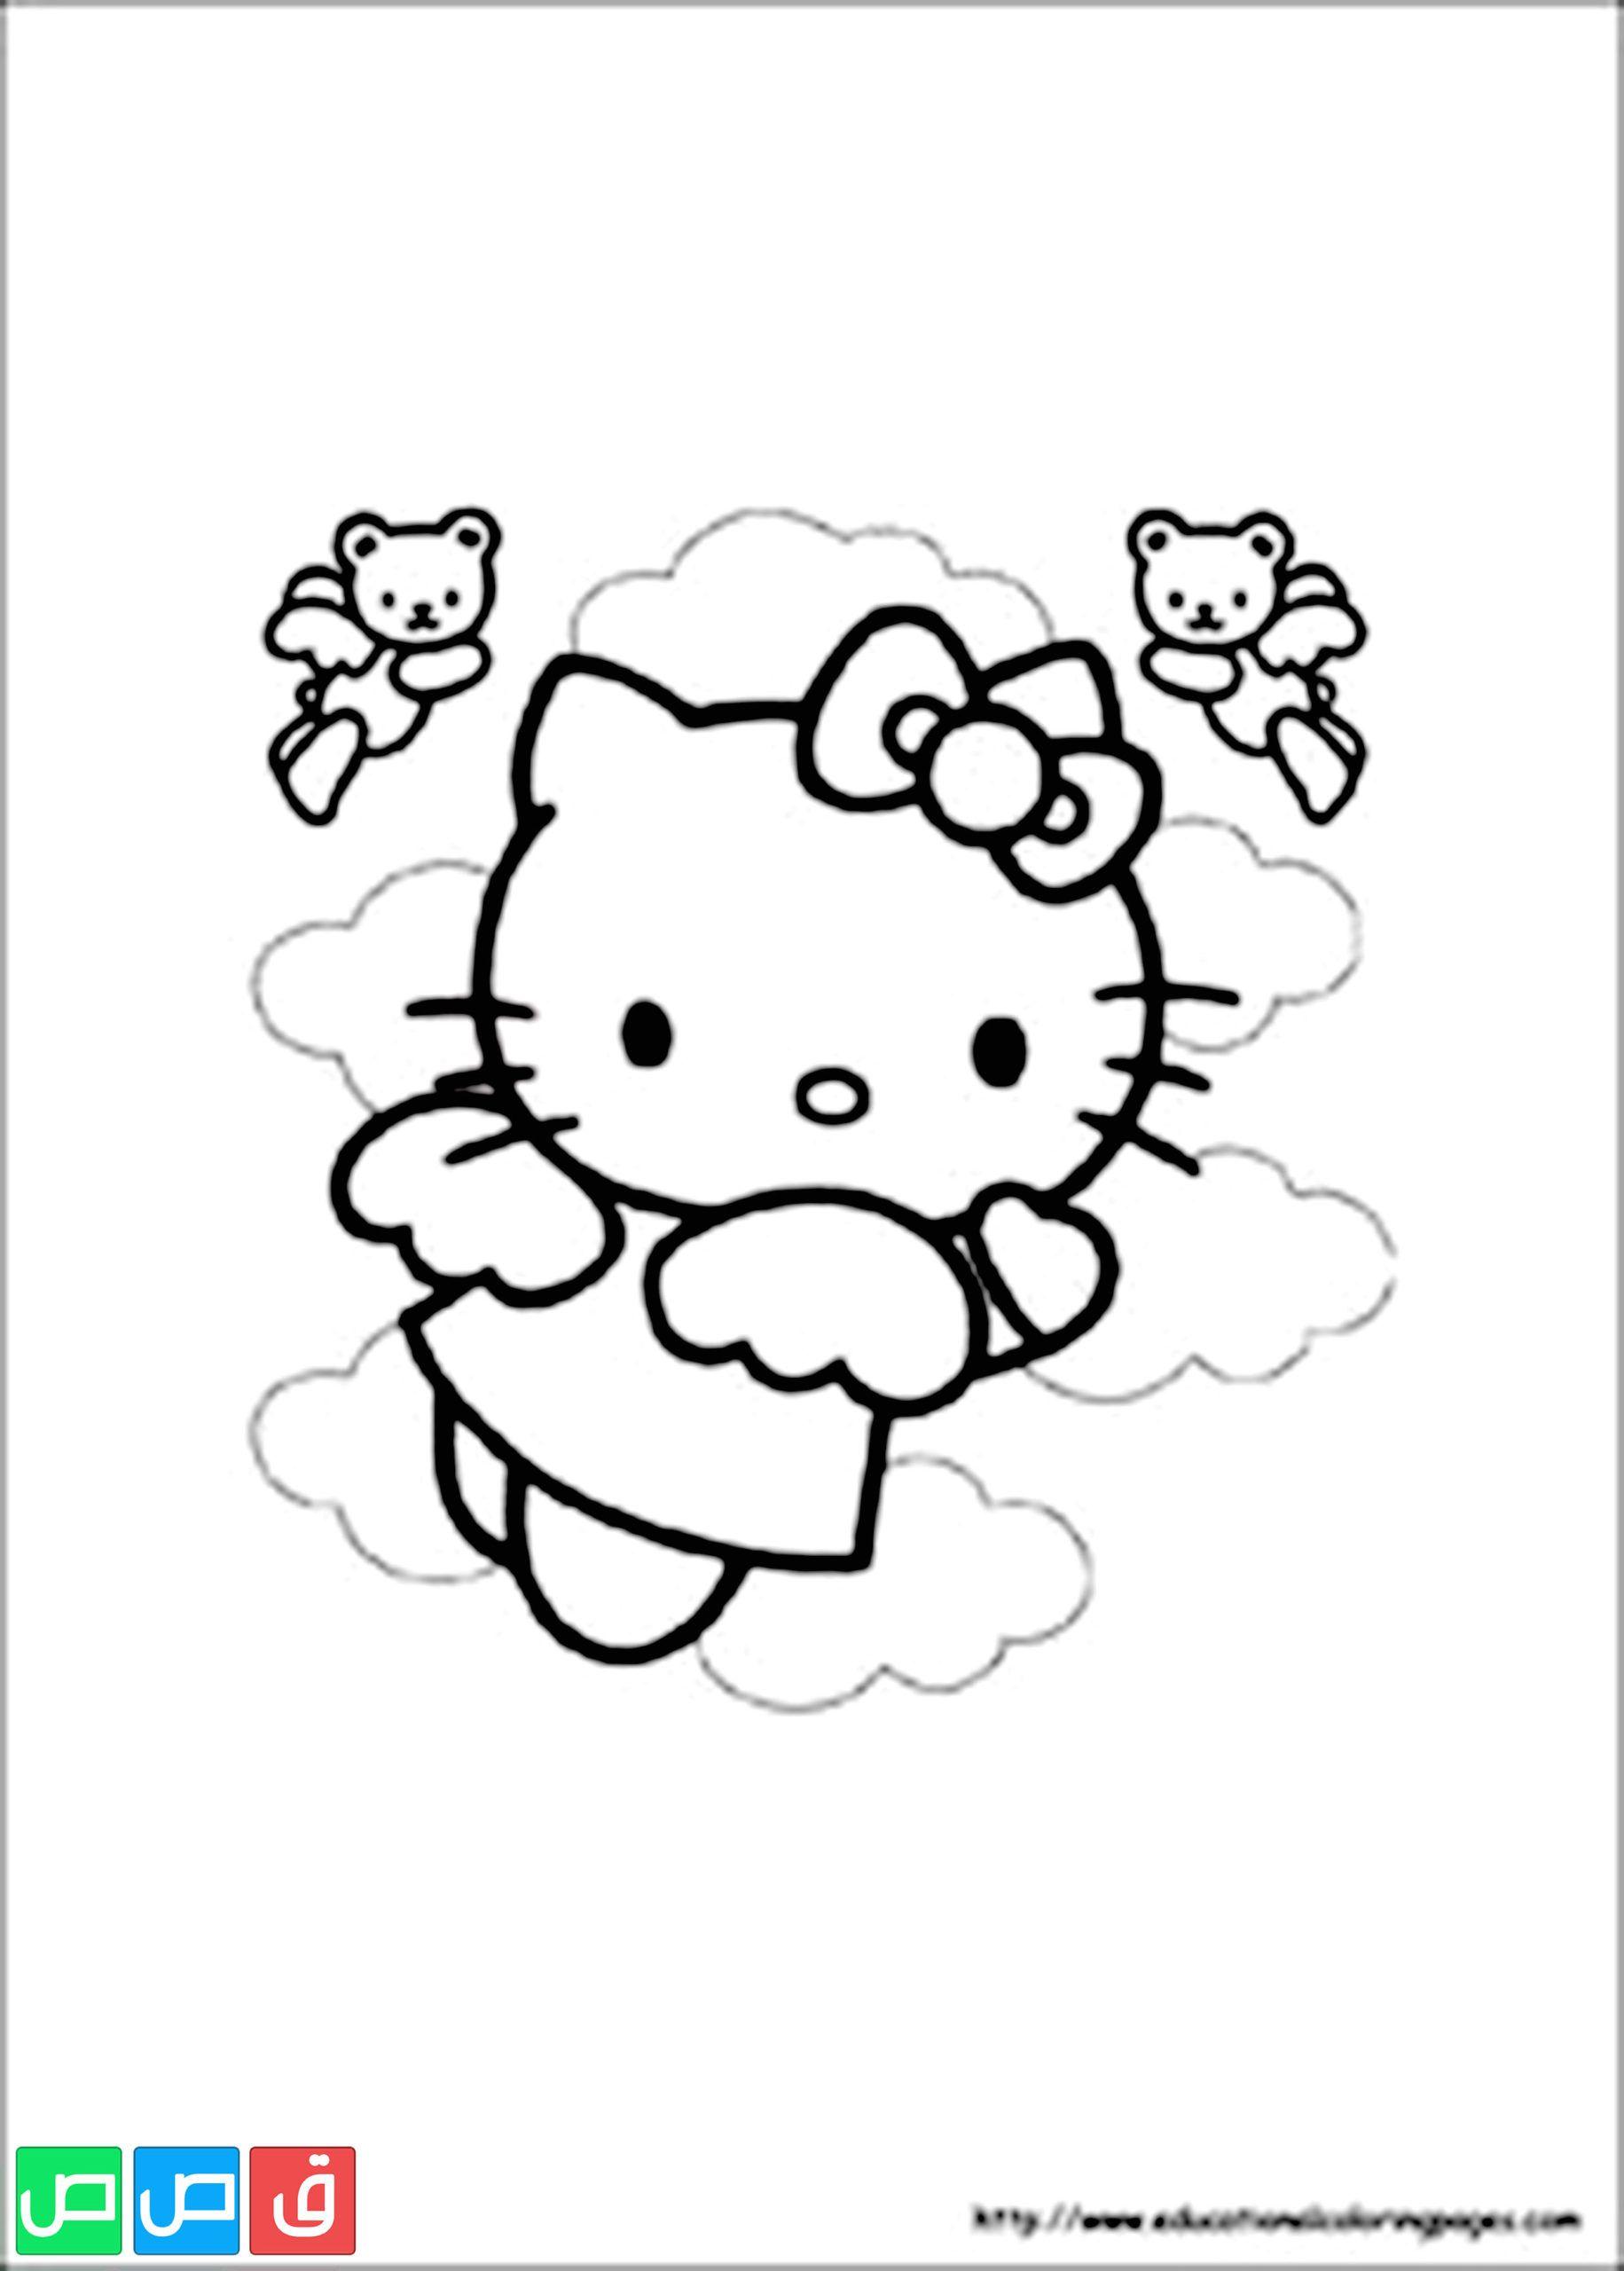 رسومات للتلوين للبنات أكثر من مائة صورة جاهزة للطباعة قصص اطفال Cute Coloring Pages Unicorn Coloring Pages Coloring Pages